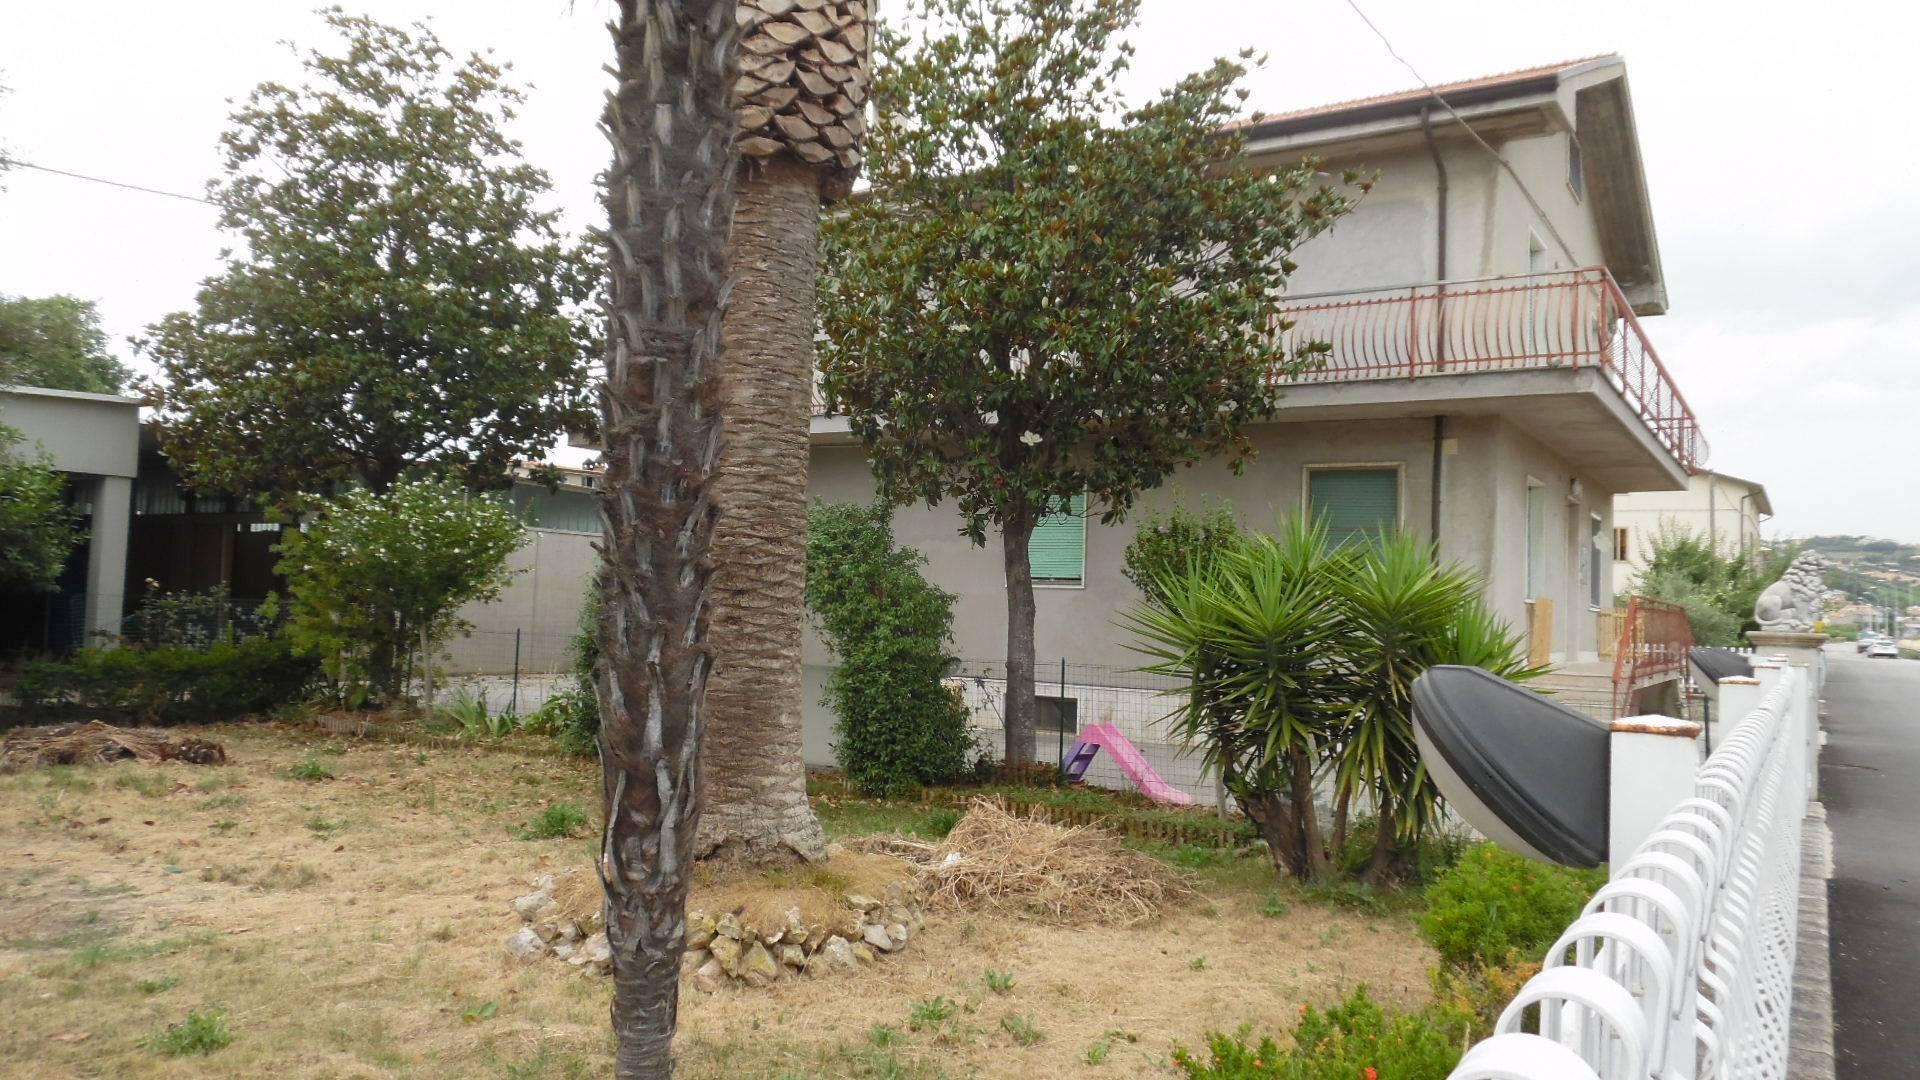 Appartamento in affitto a Monteprandone, 4 locali, zona Zona: Centobuchi, prezzo € 500 | CambioCasa.it